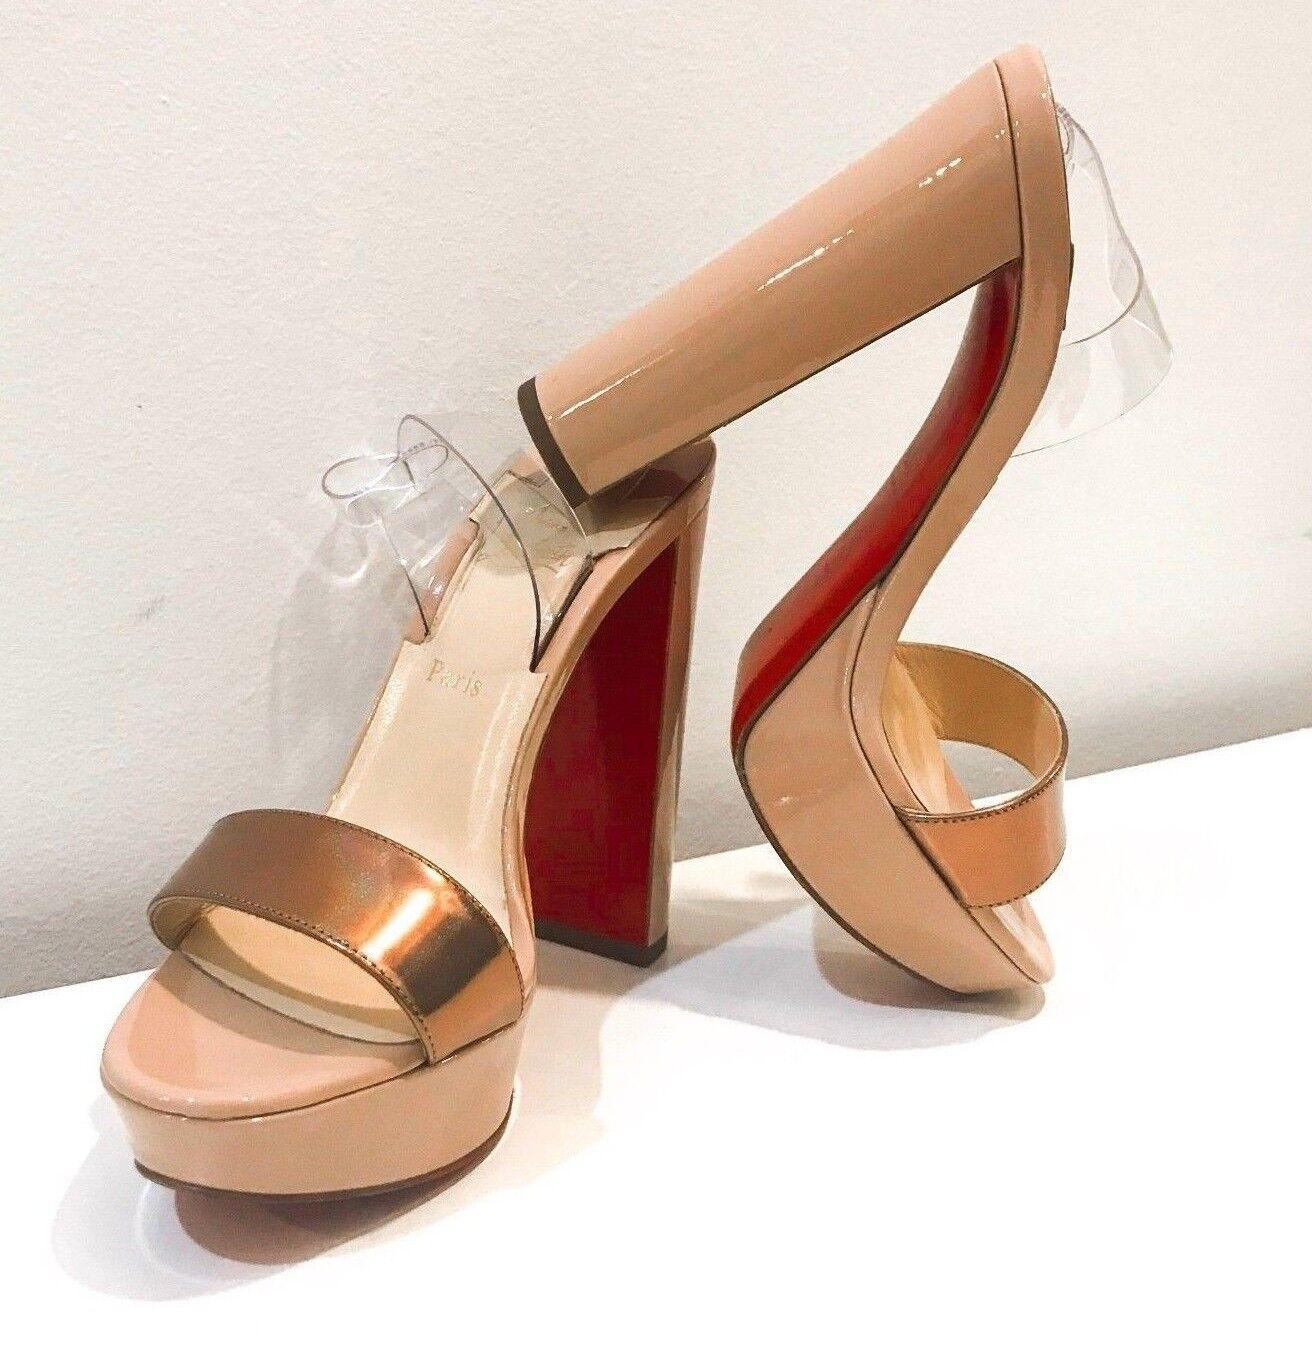 Christian Louboutin rosso Sole Sandals  Heels scarpe Dimensione 36.5 US 6.5 Nude  il più alla moda